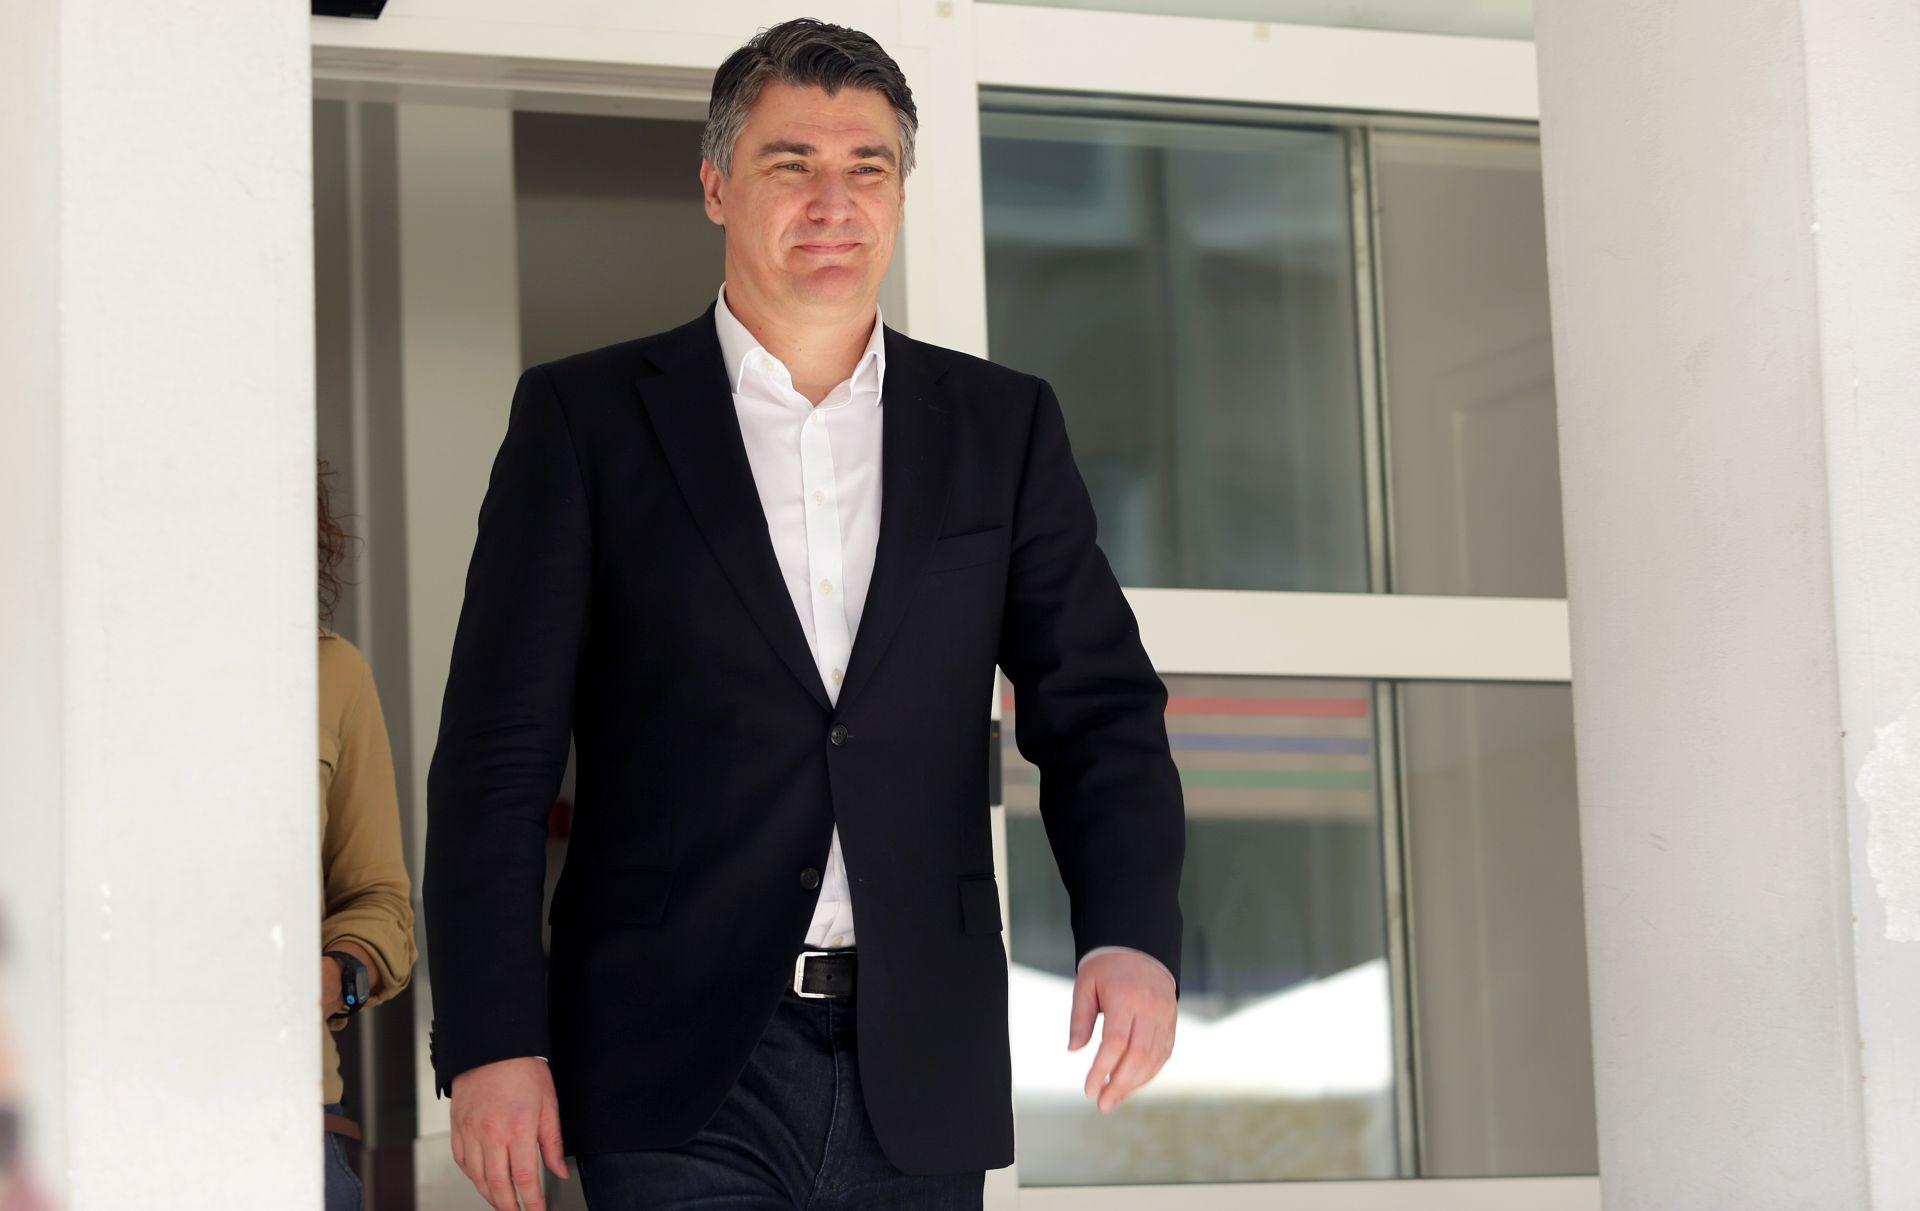 NAKON STANKE OD 13 GODINA: Dogovoreno prvo sučeljavanje šefova HDZ-a i SDP-a